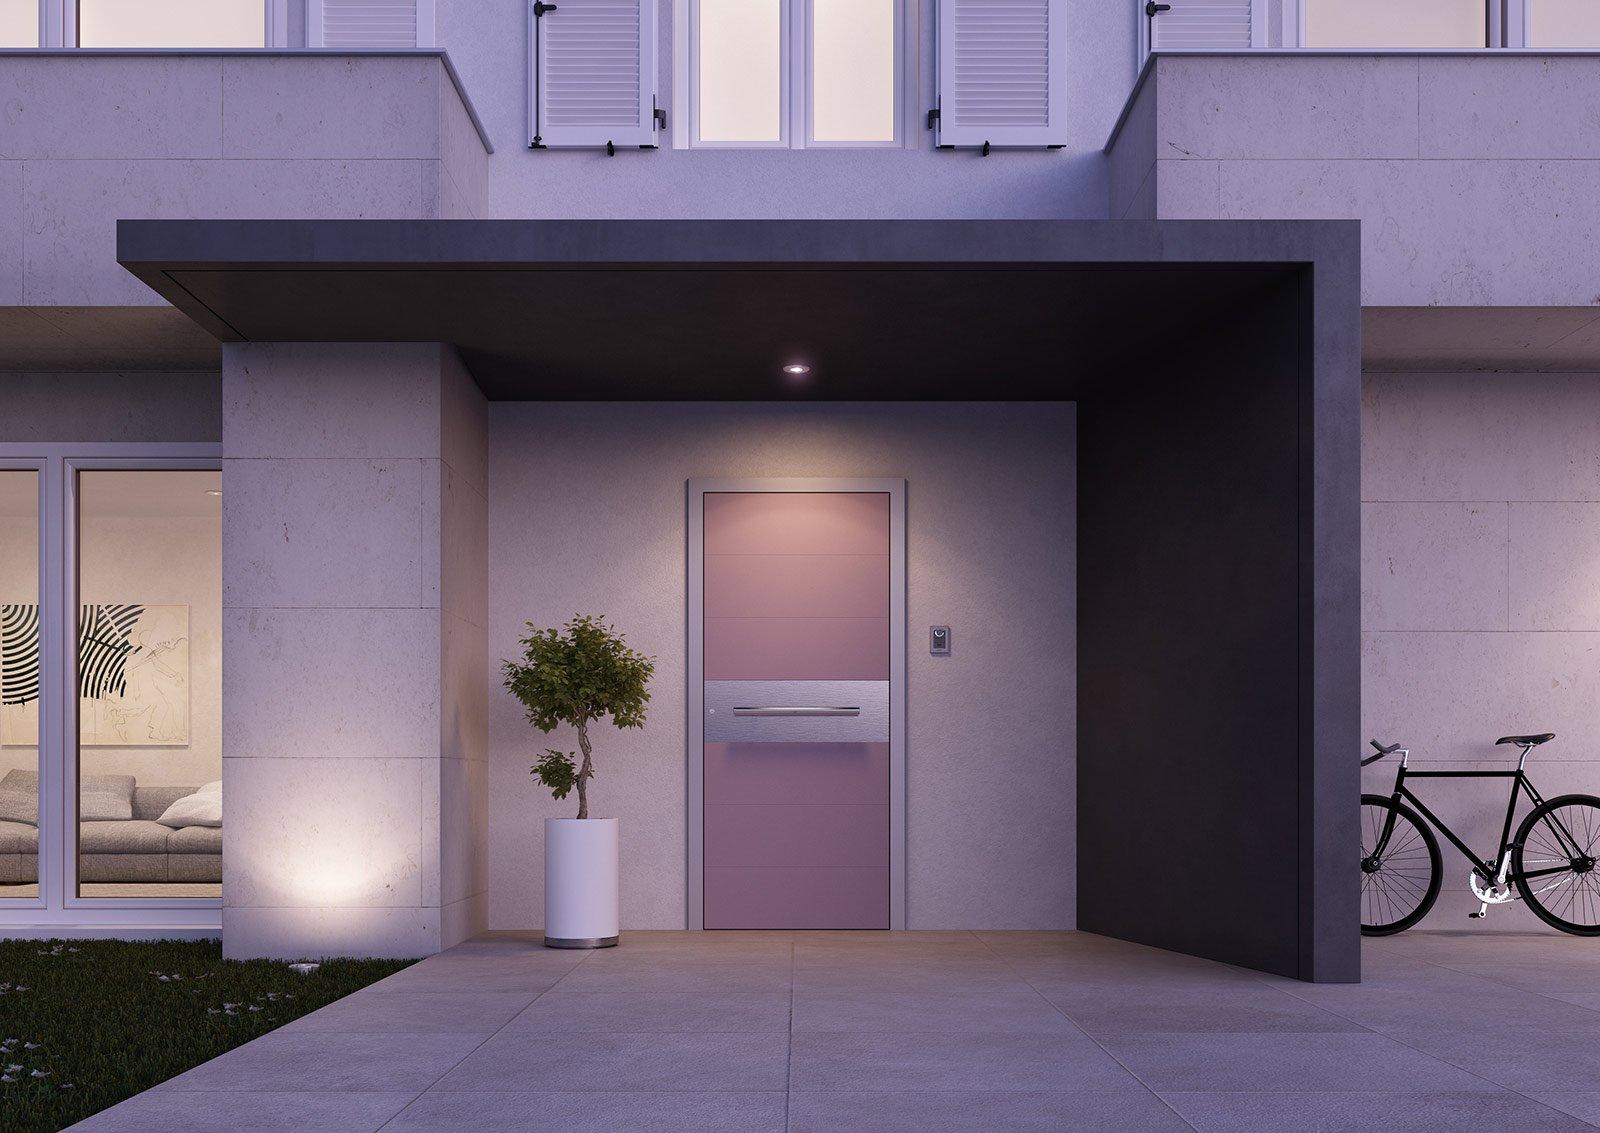 cancelli idee porta giardino ideale : La porta blindata Designs Doors Collection di Aluhaus ? dotata di un ...